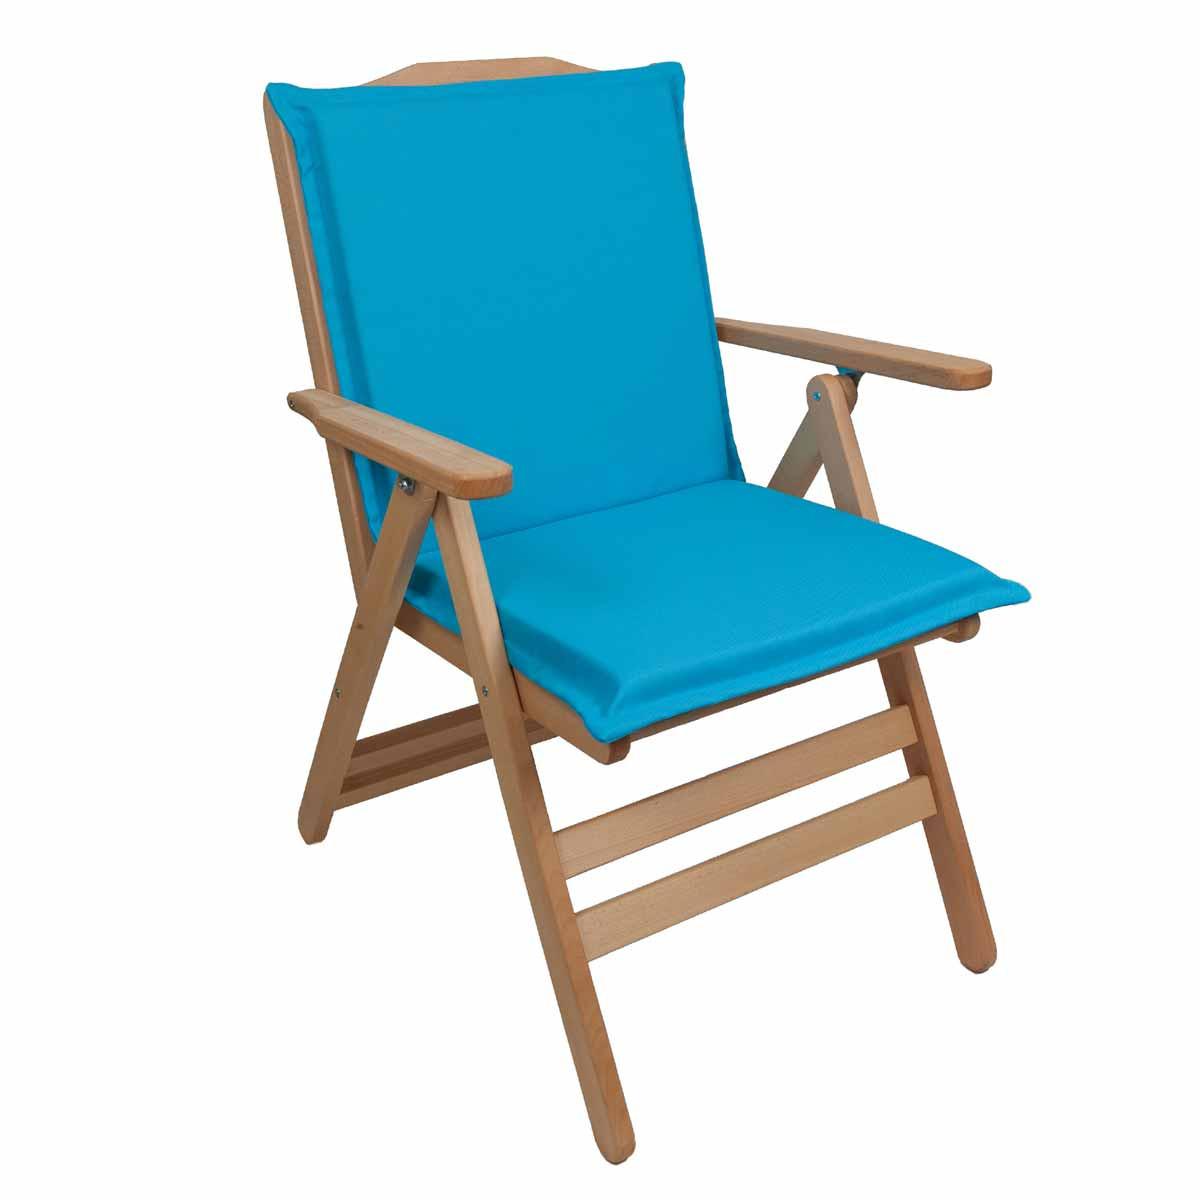 Μαξιλάρι Καρέκλας Με Πλάτη 92cm Be Comfy Turquoise 205